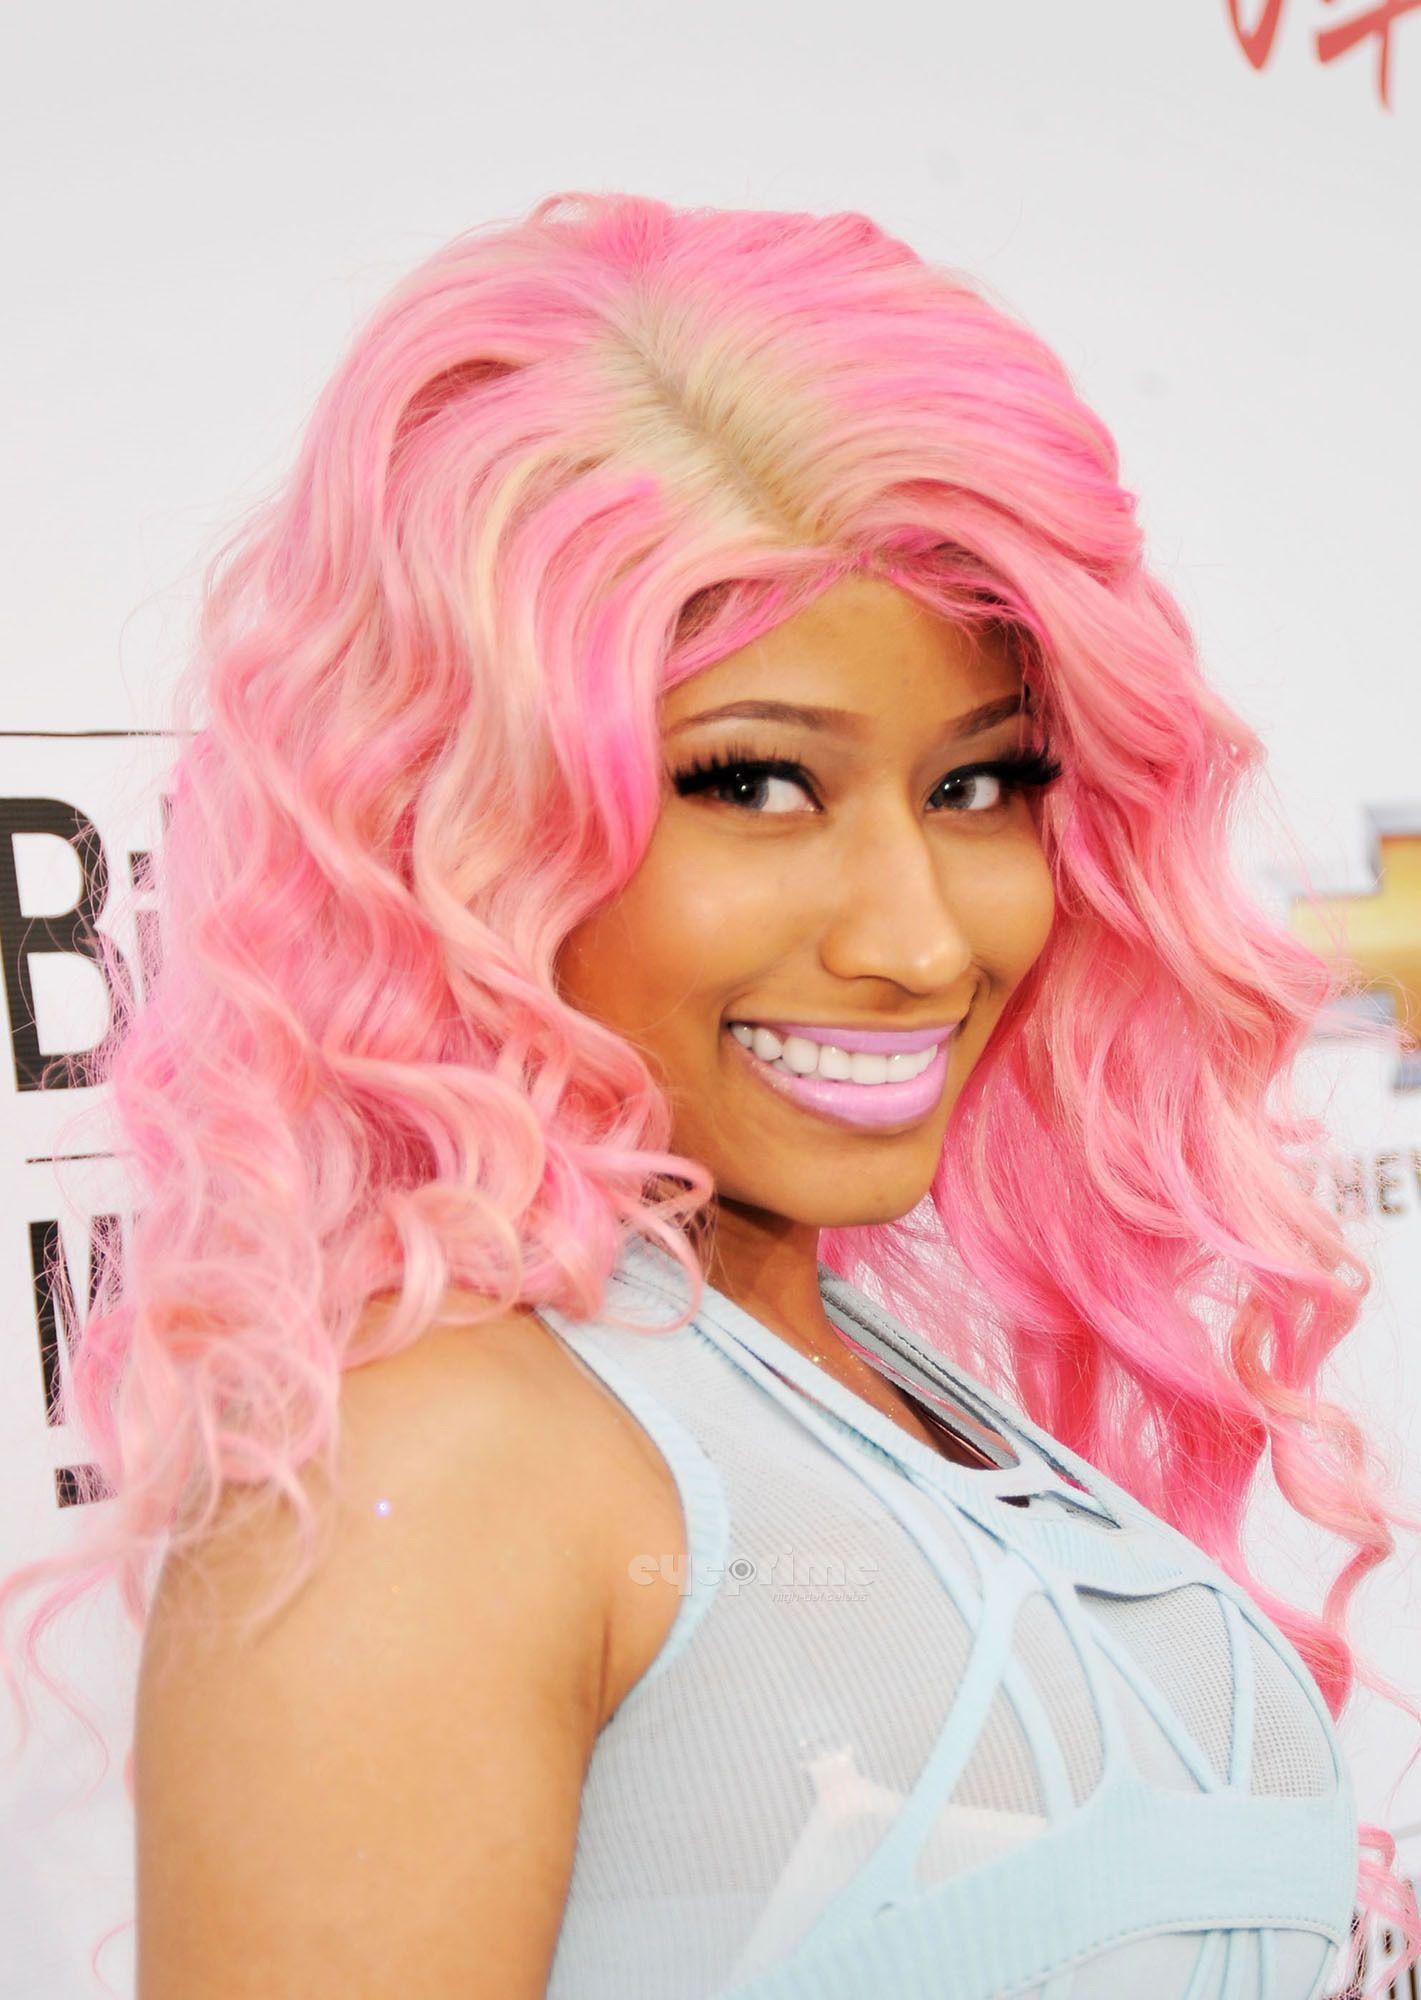 a8d06813b032d Her Hair In This Photo  Ha